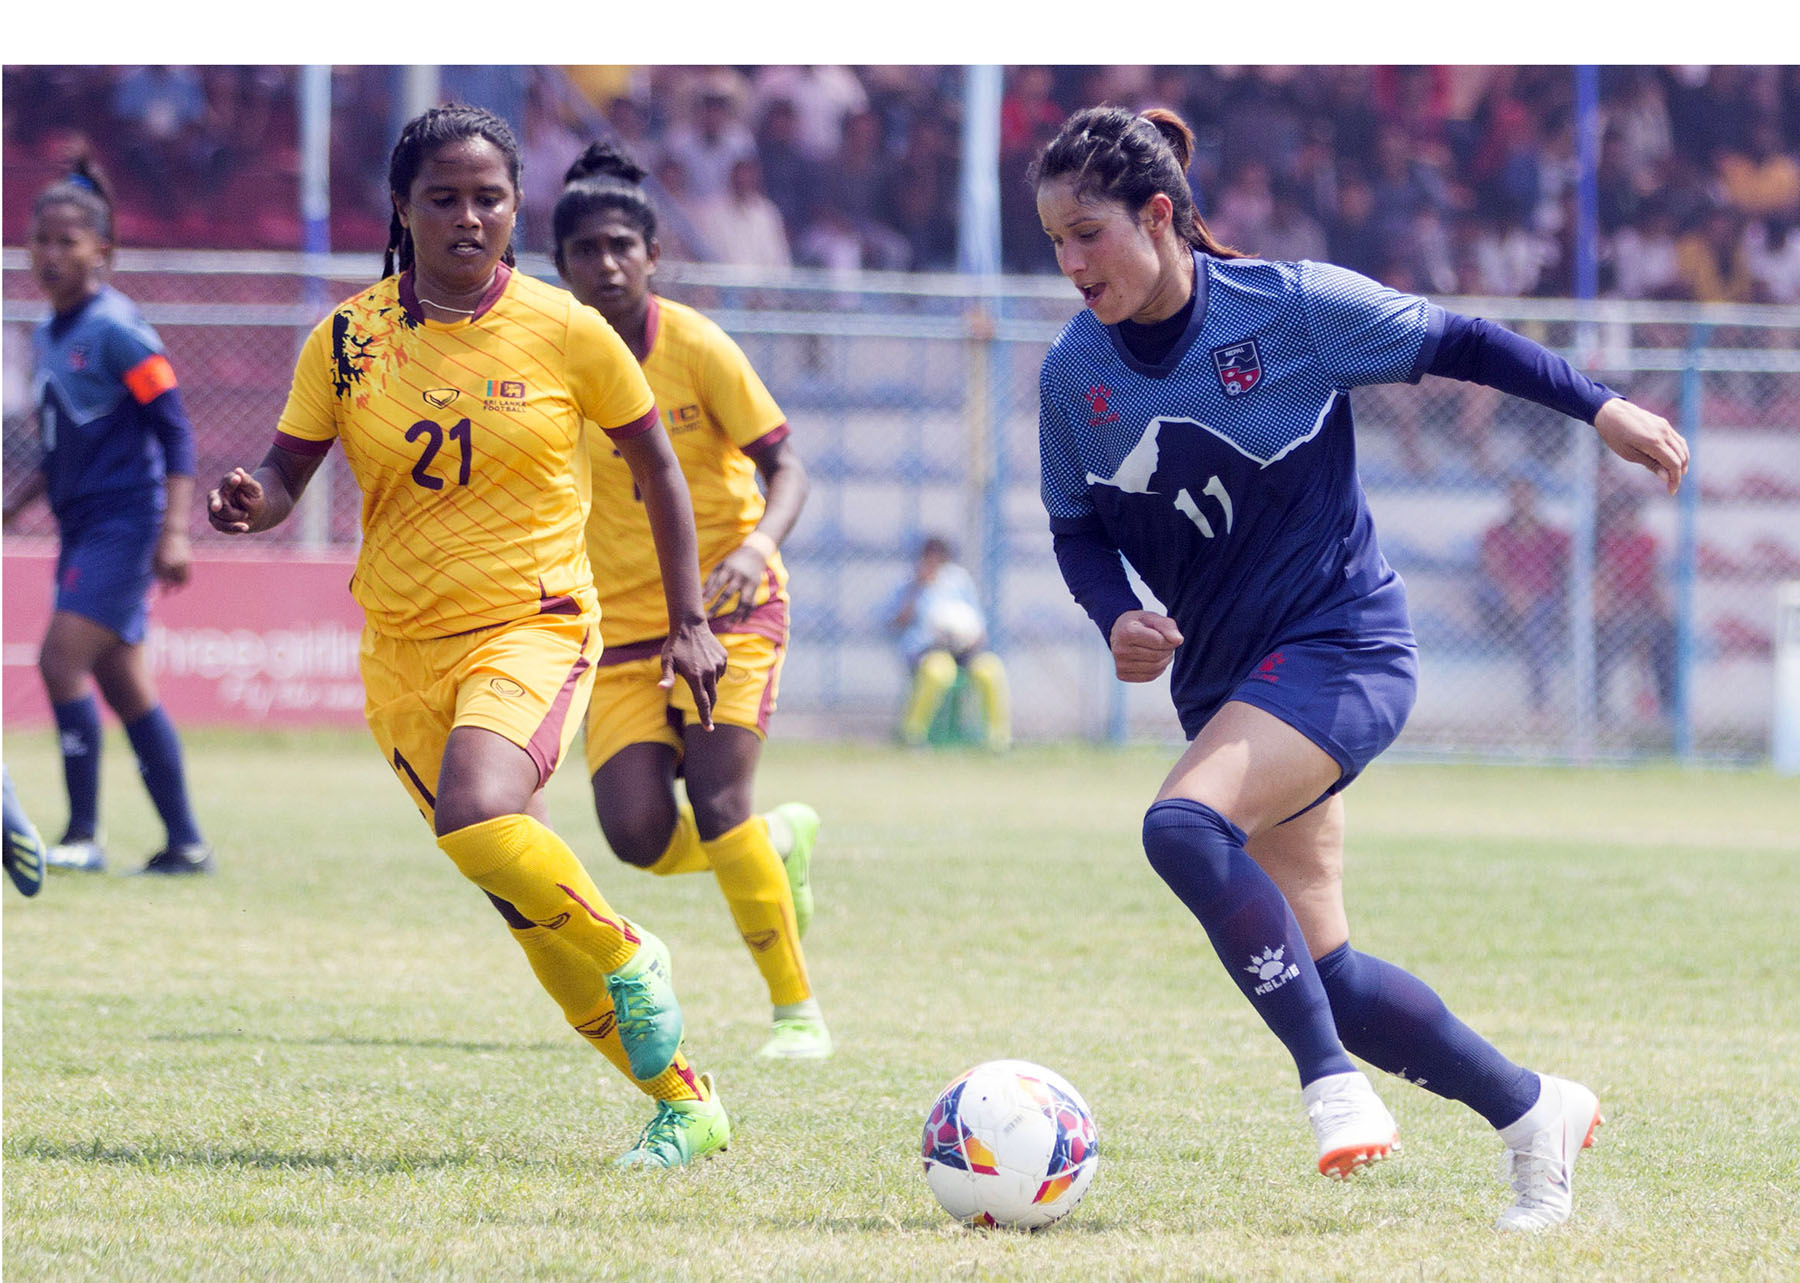 साफ फुटबलः फाइनलमा नेपाल र भारतसँग भिड्ने, बंगलादेश बाहिरियो